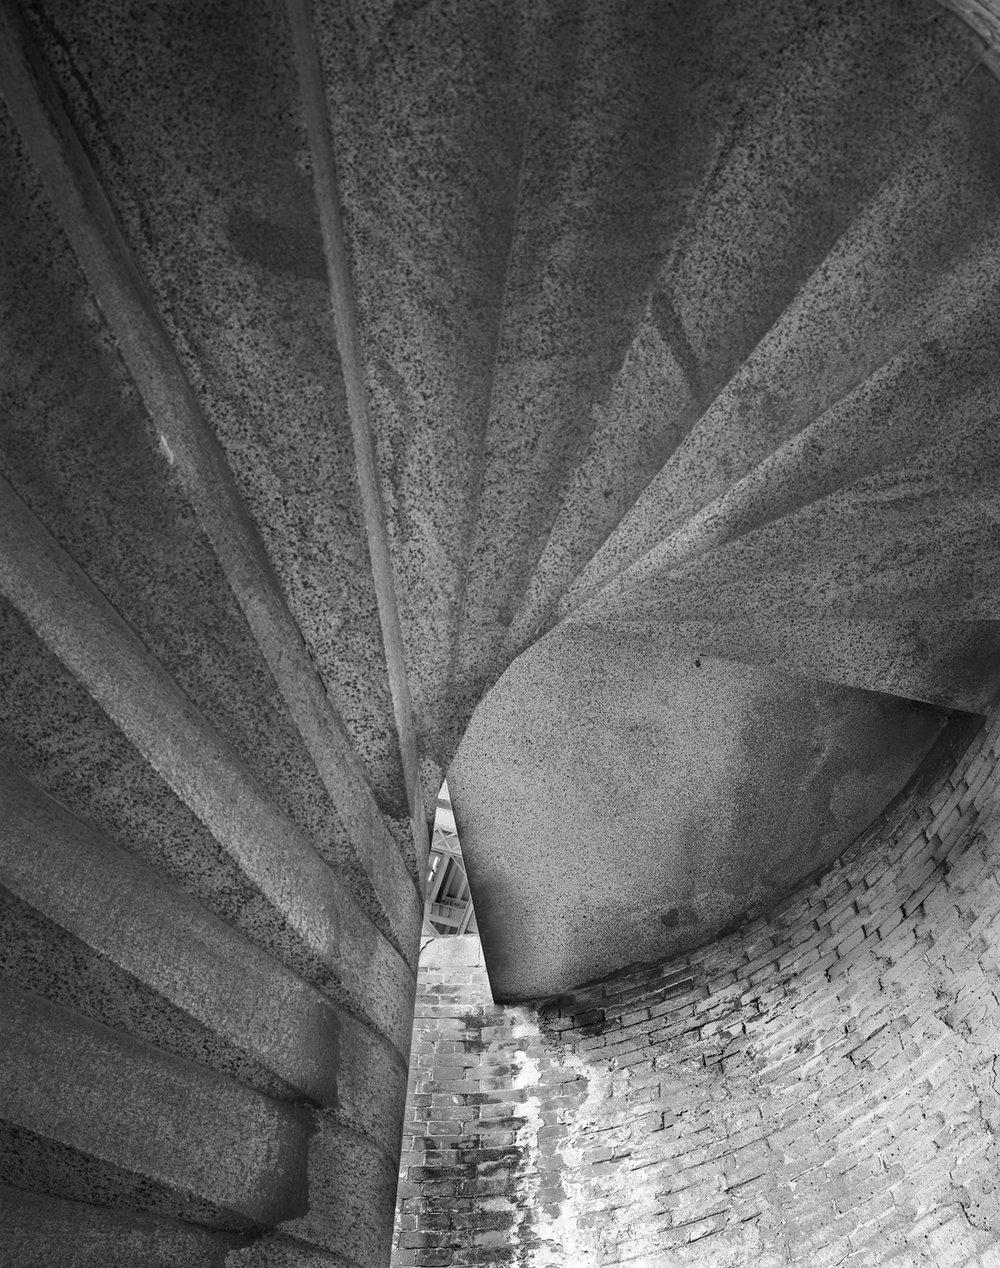 161011 Stair Bottom f32*18 sec N-1 8x6 Print File.jpg